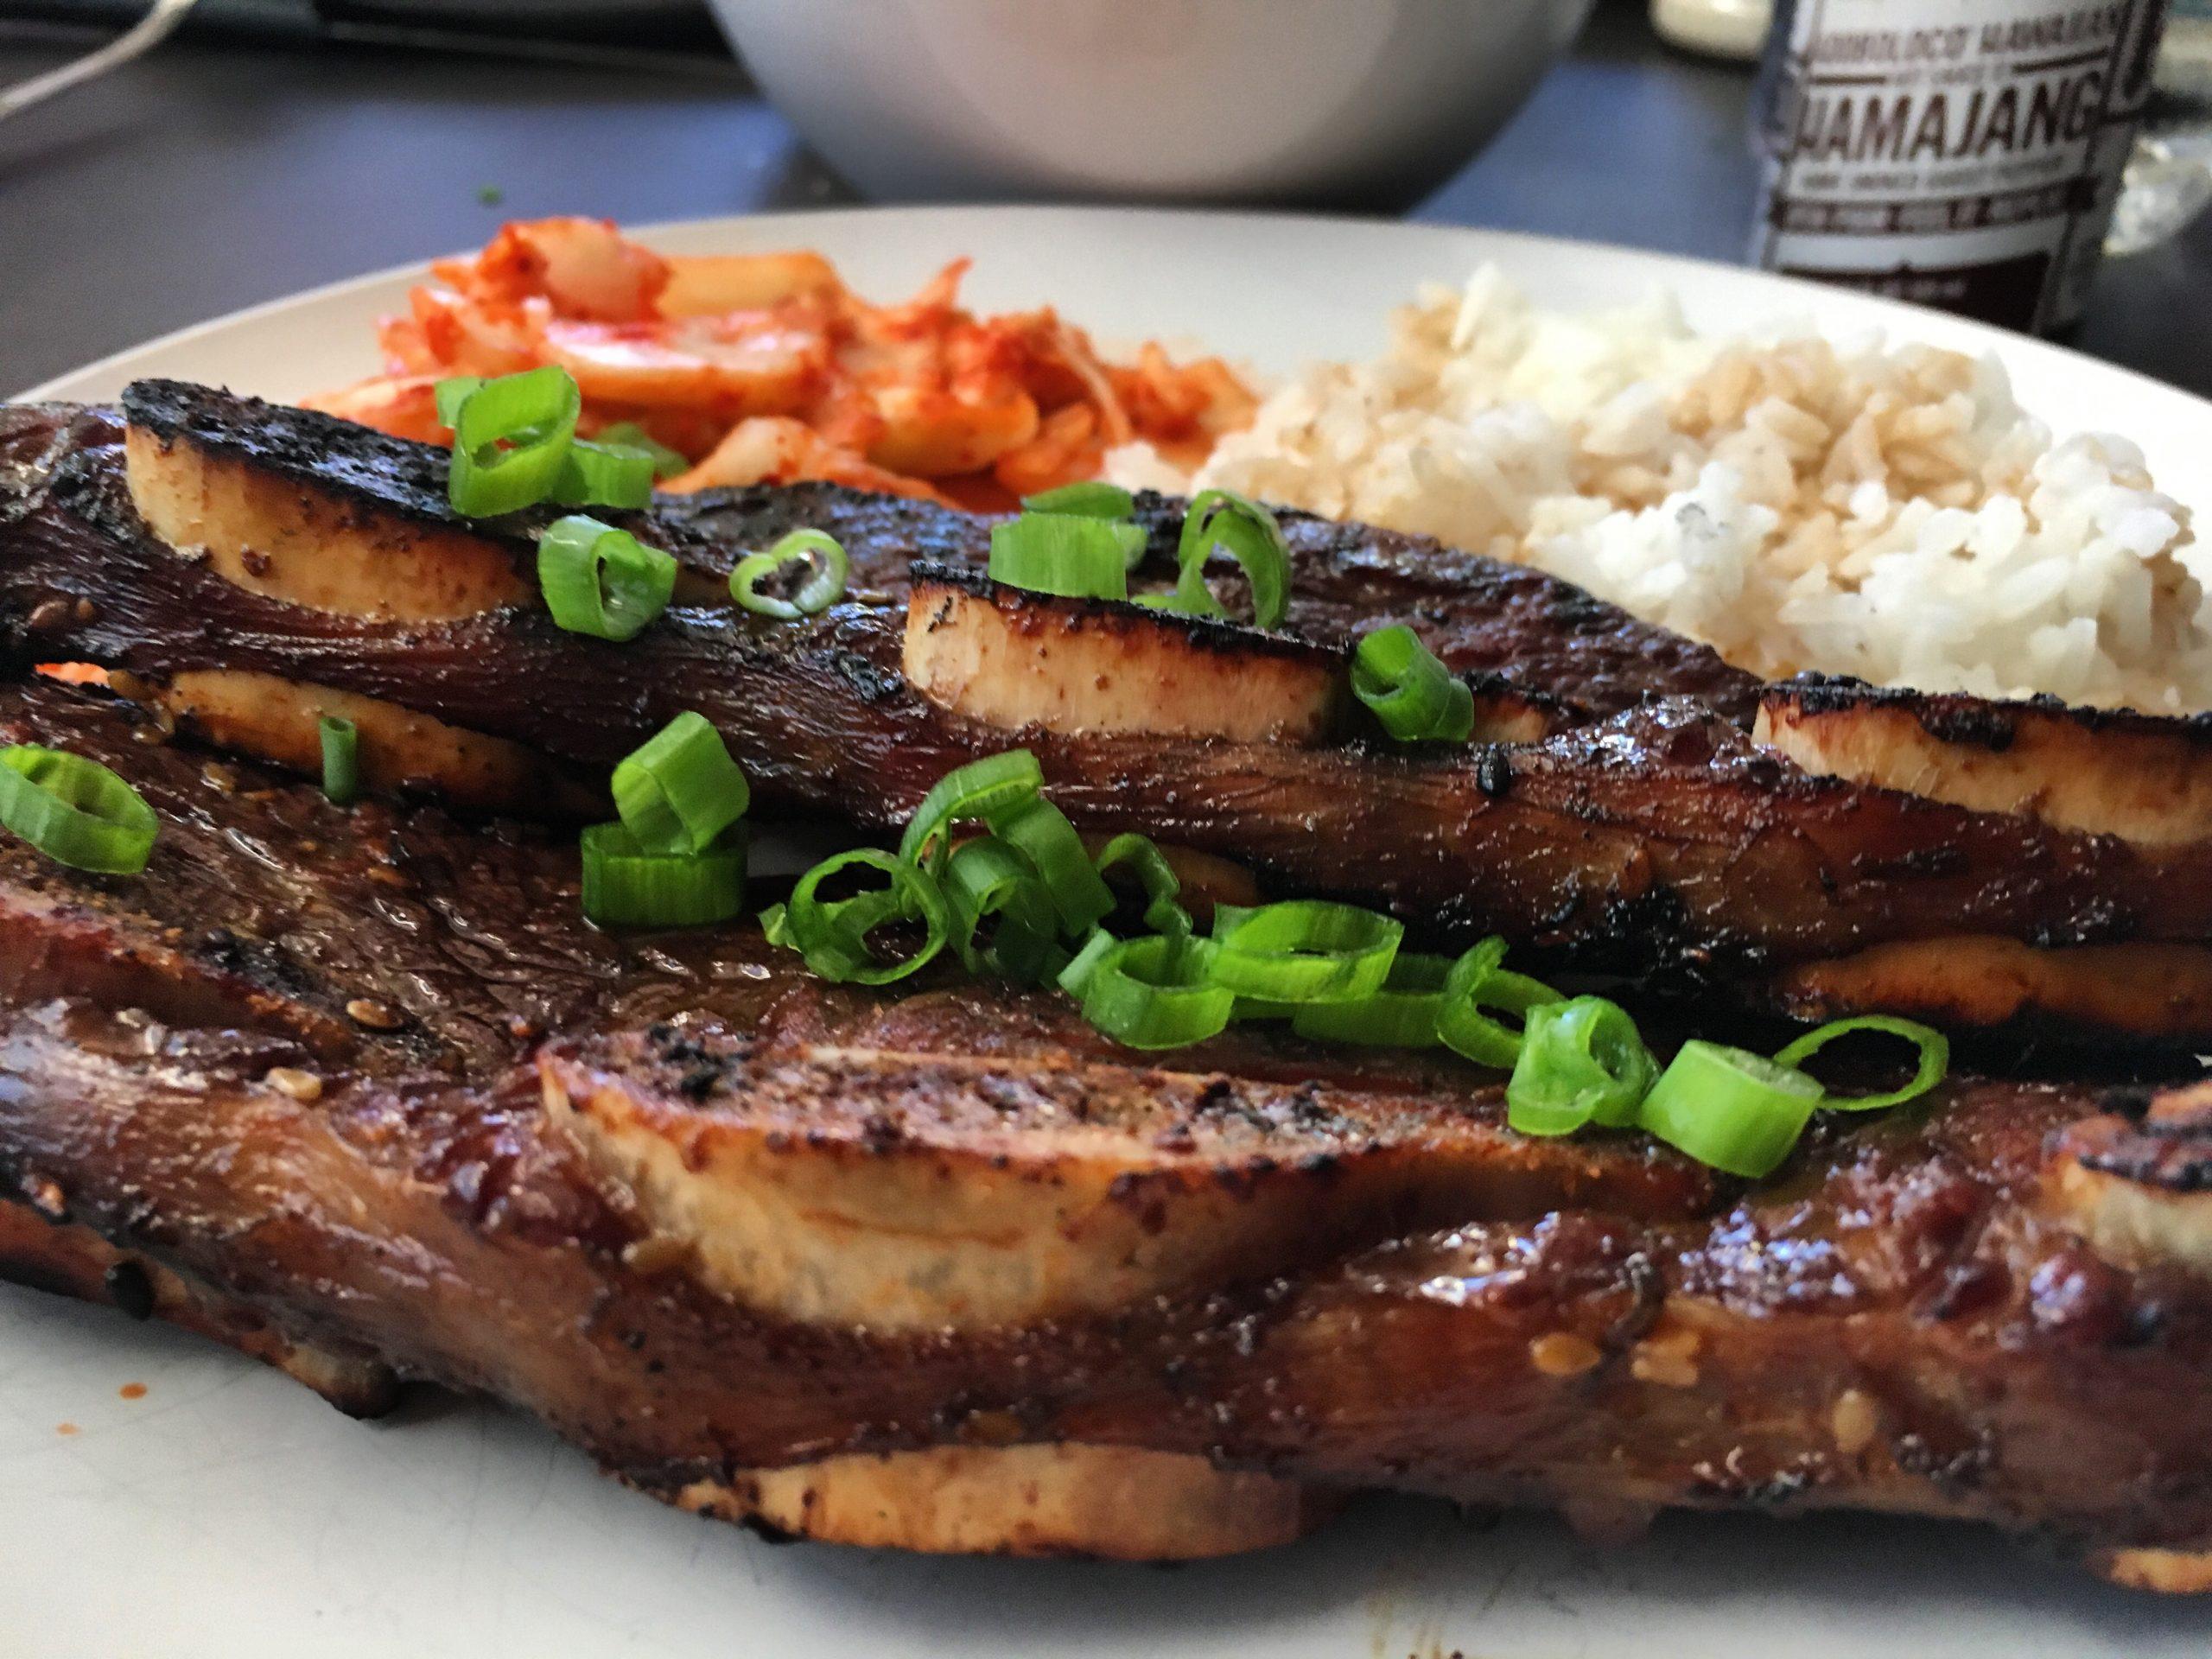 Adoboloco Pau Hana Hawaiian Barbecue kalbi ribs